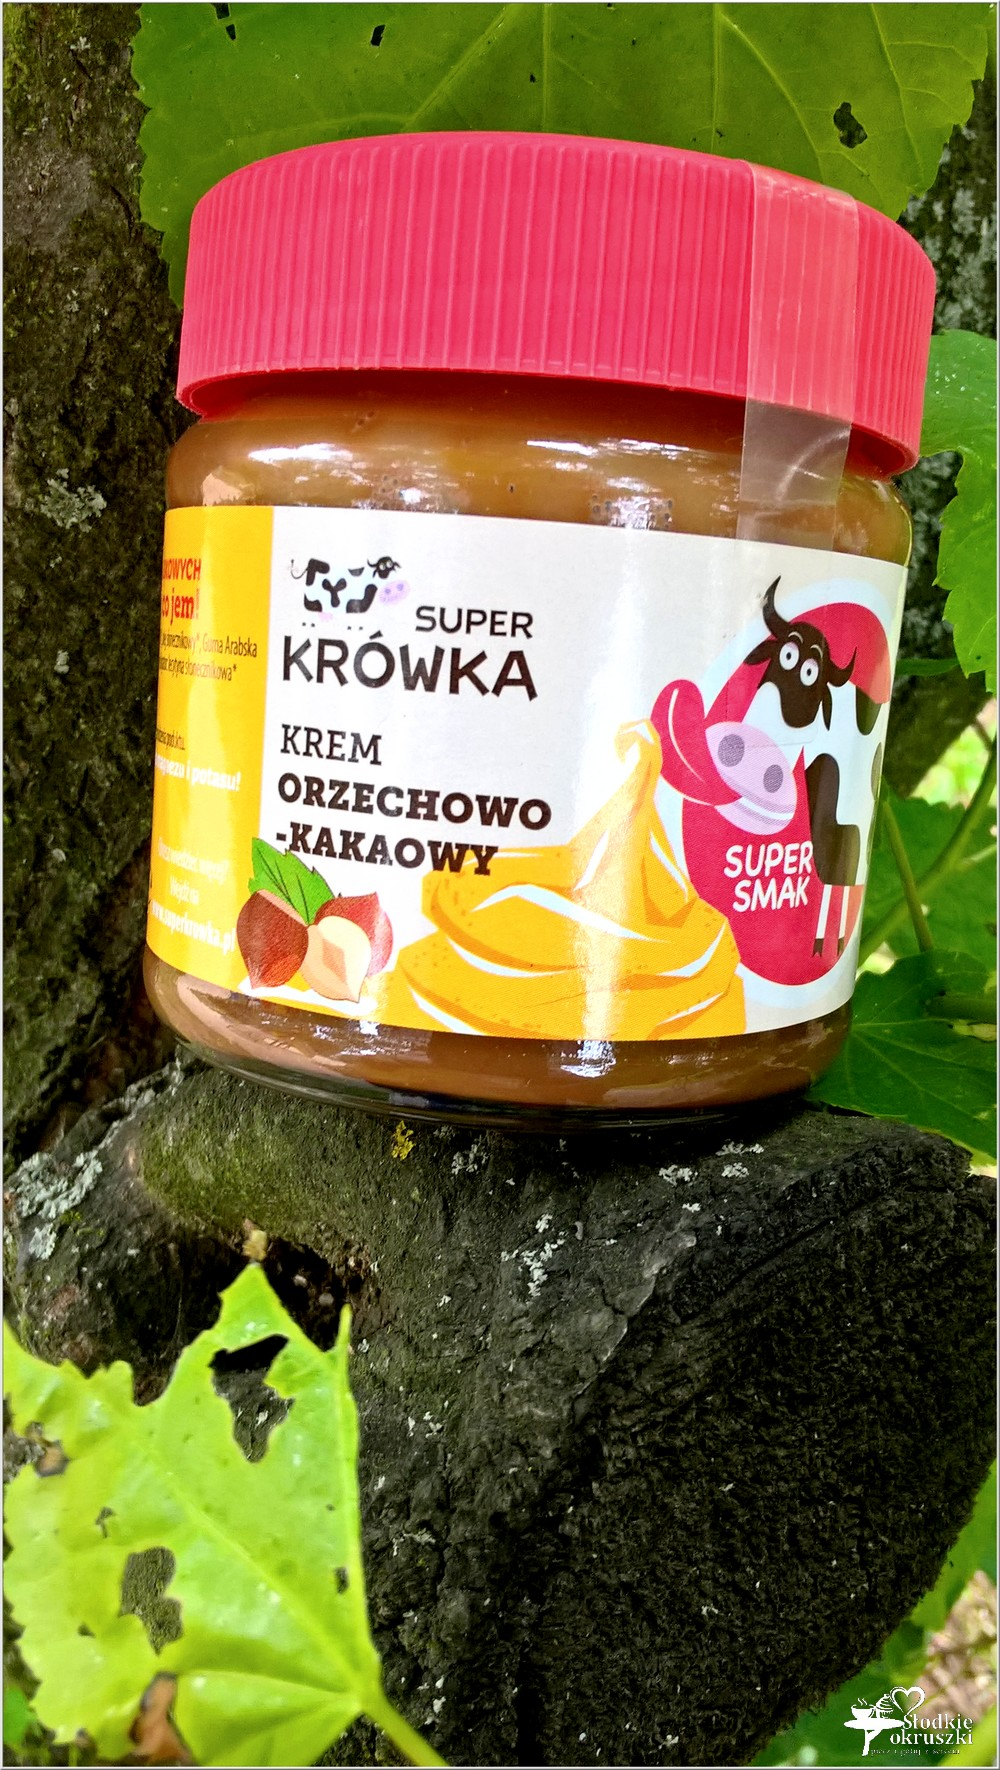 Super krówka - zdrowe i pyszne słodkości (2)